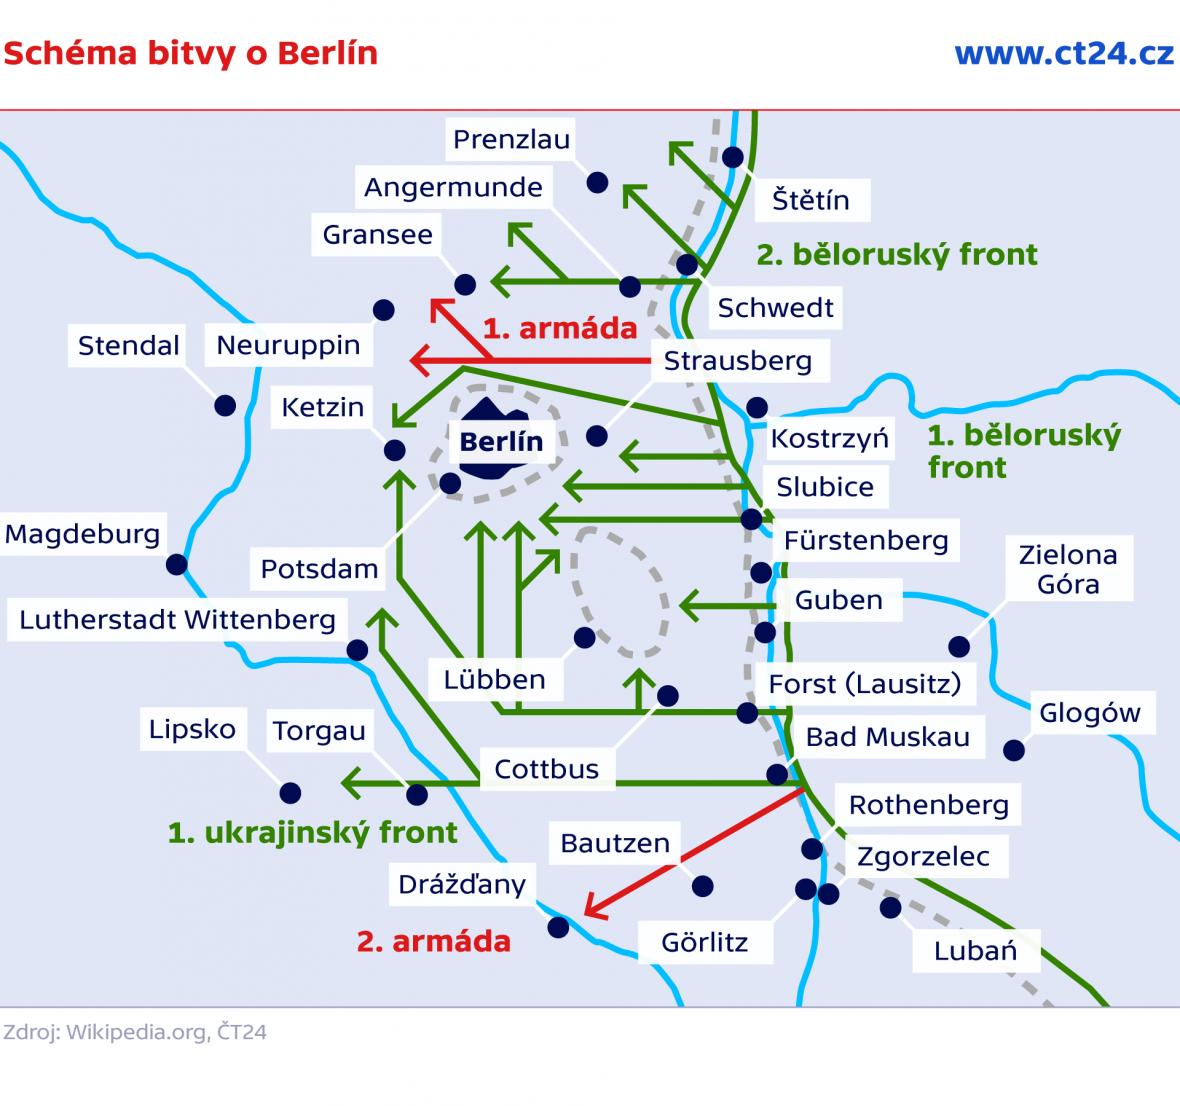 Schéma bitvy o Berlín